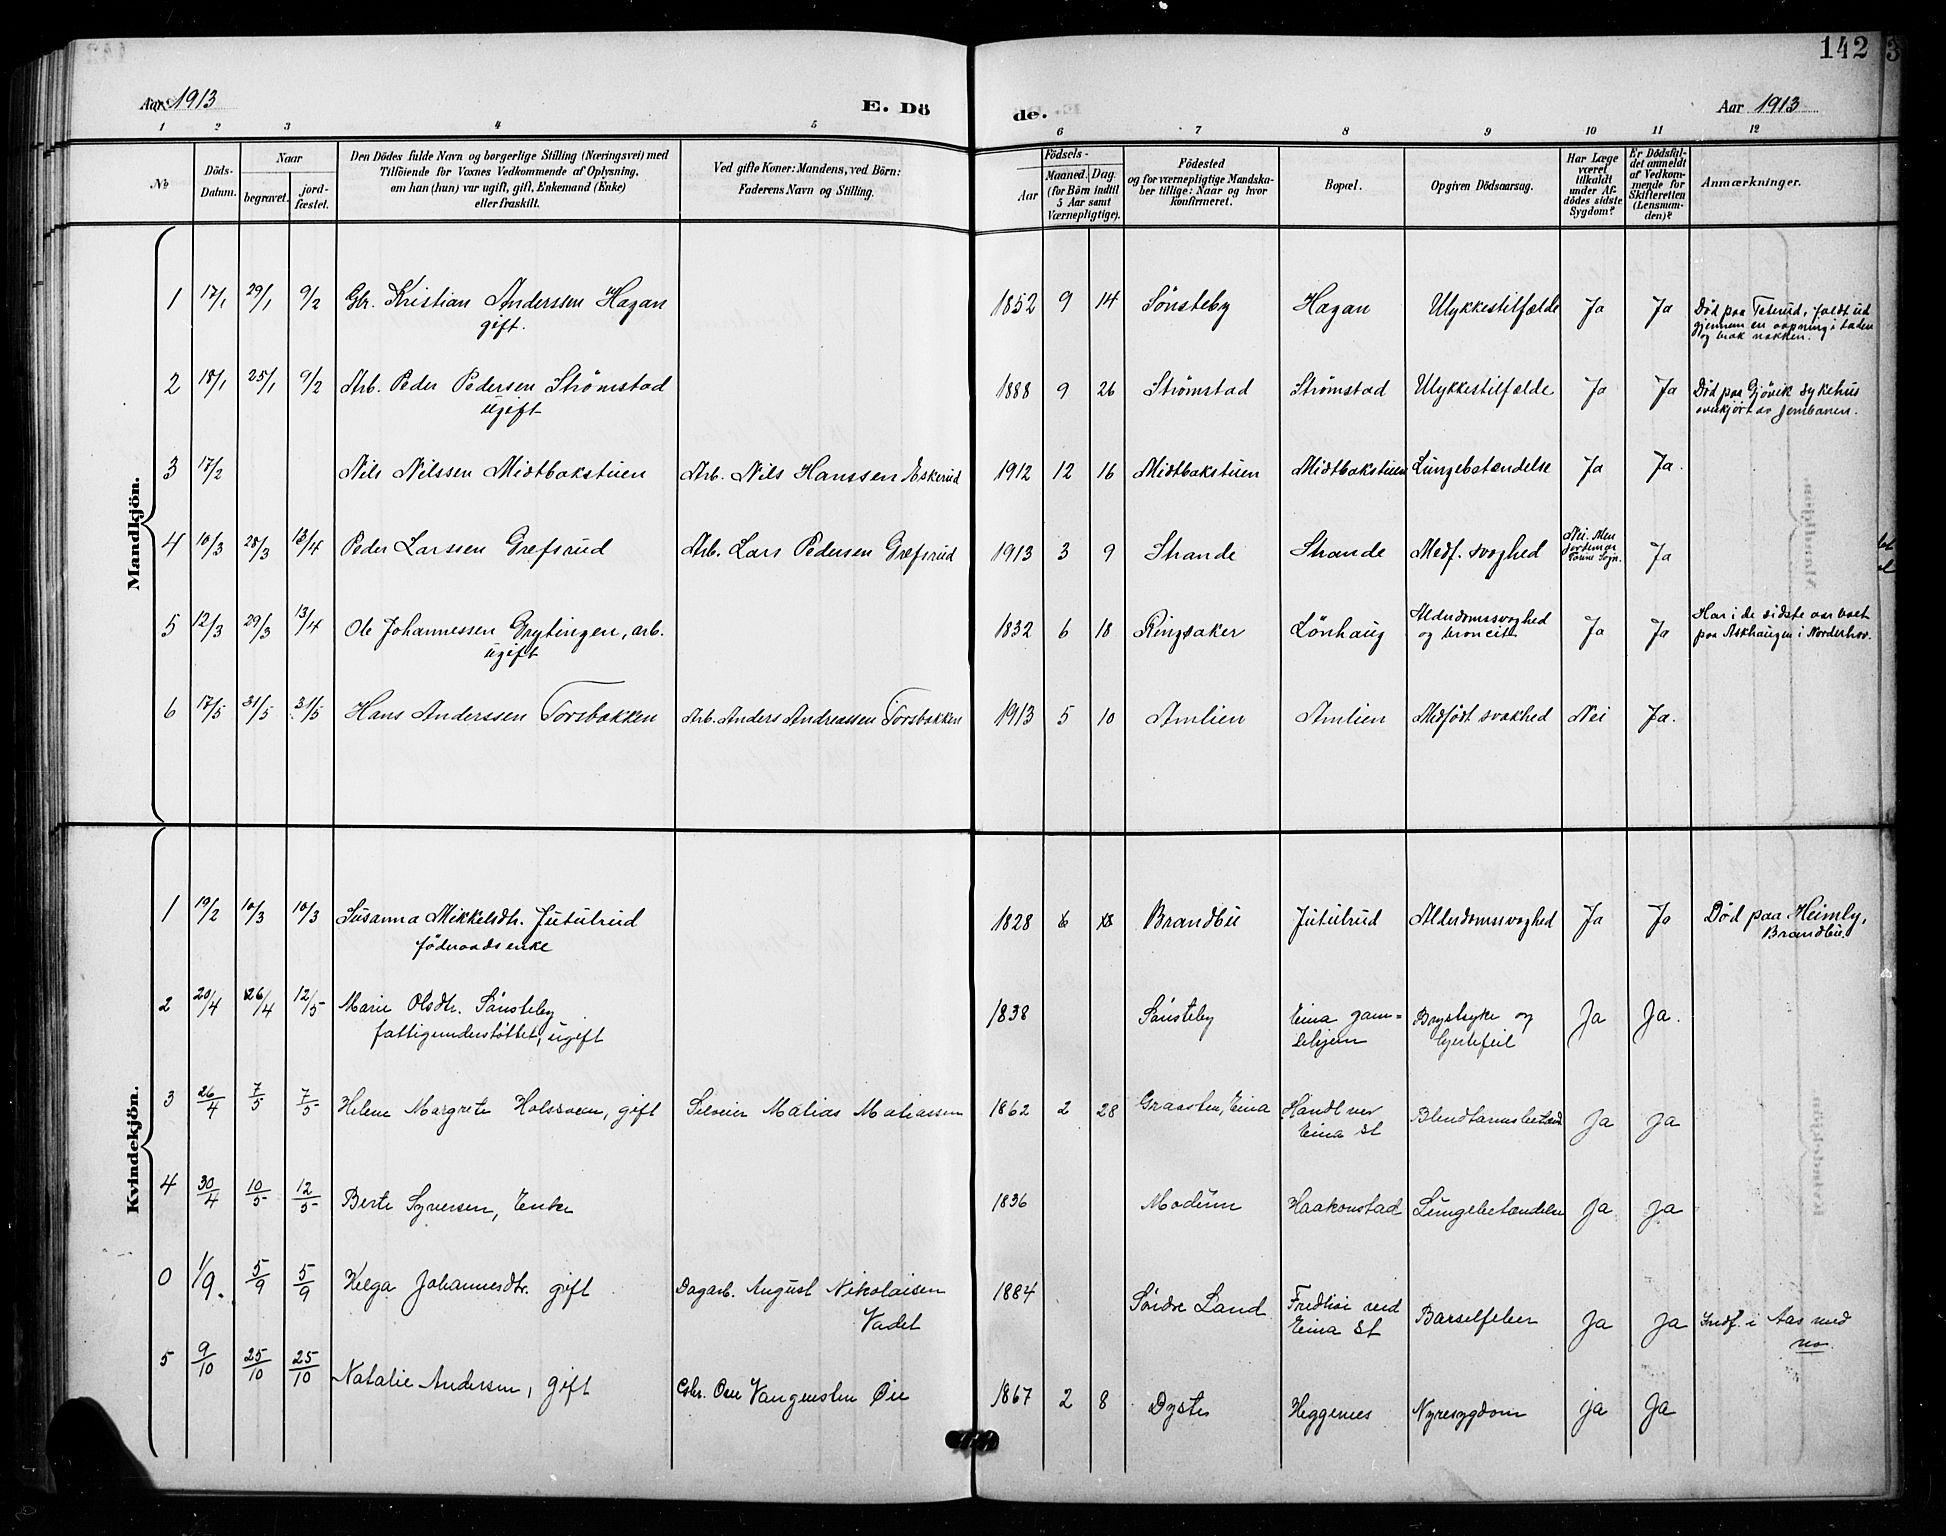 SAH, Vestre Toten prestekontor, H/Ha/Hab/L0016: Klokkerbok nr. 16, 1901-1915, s. 142